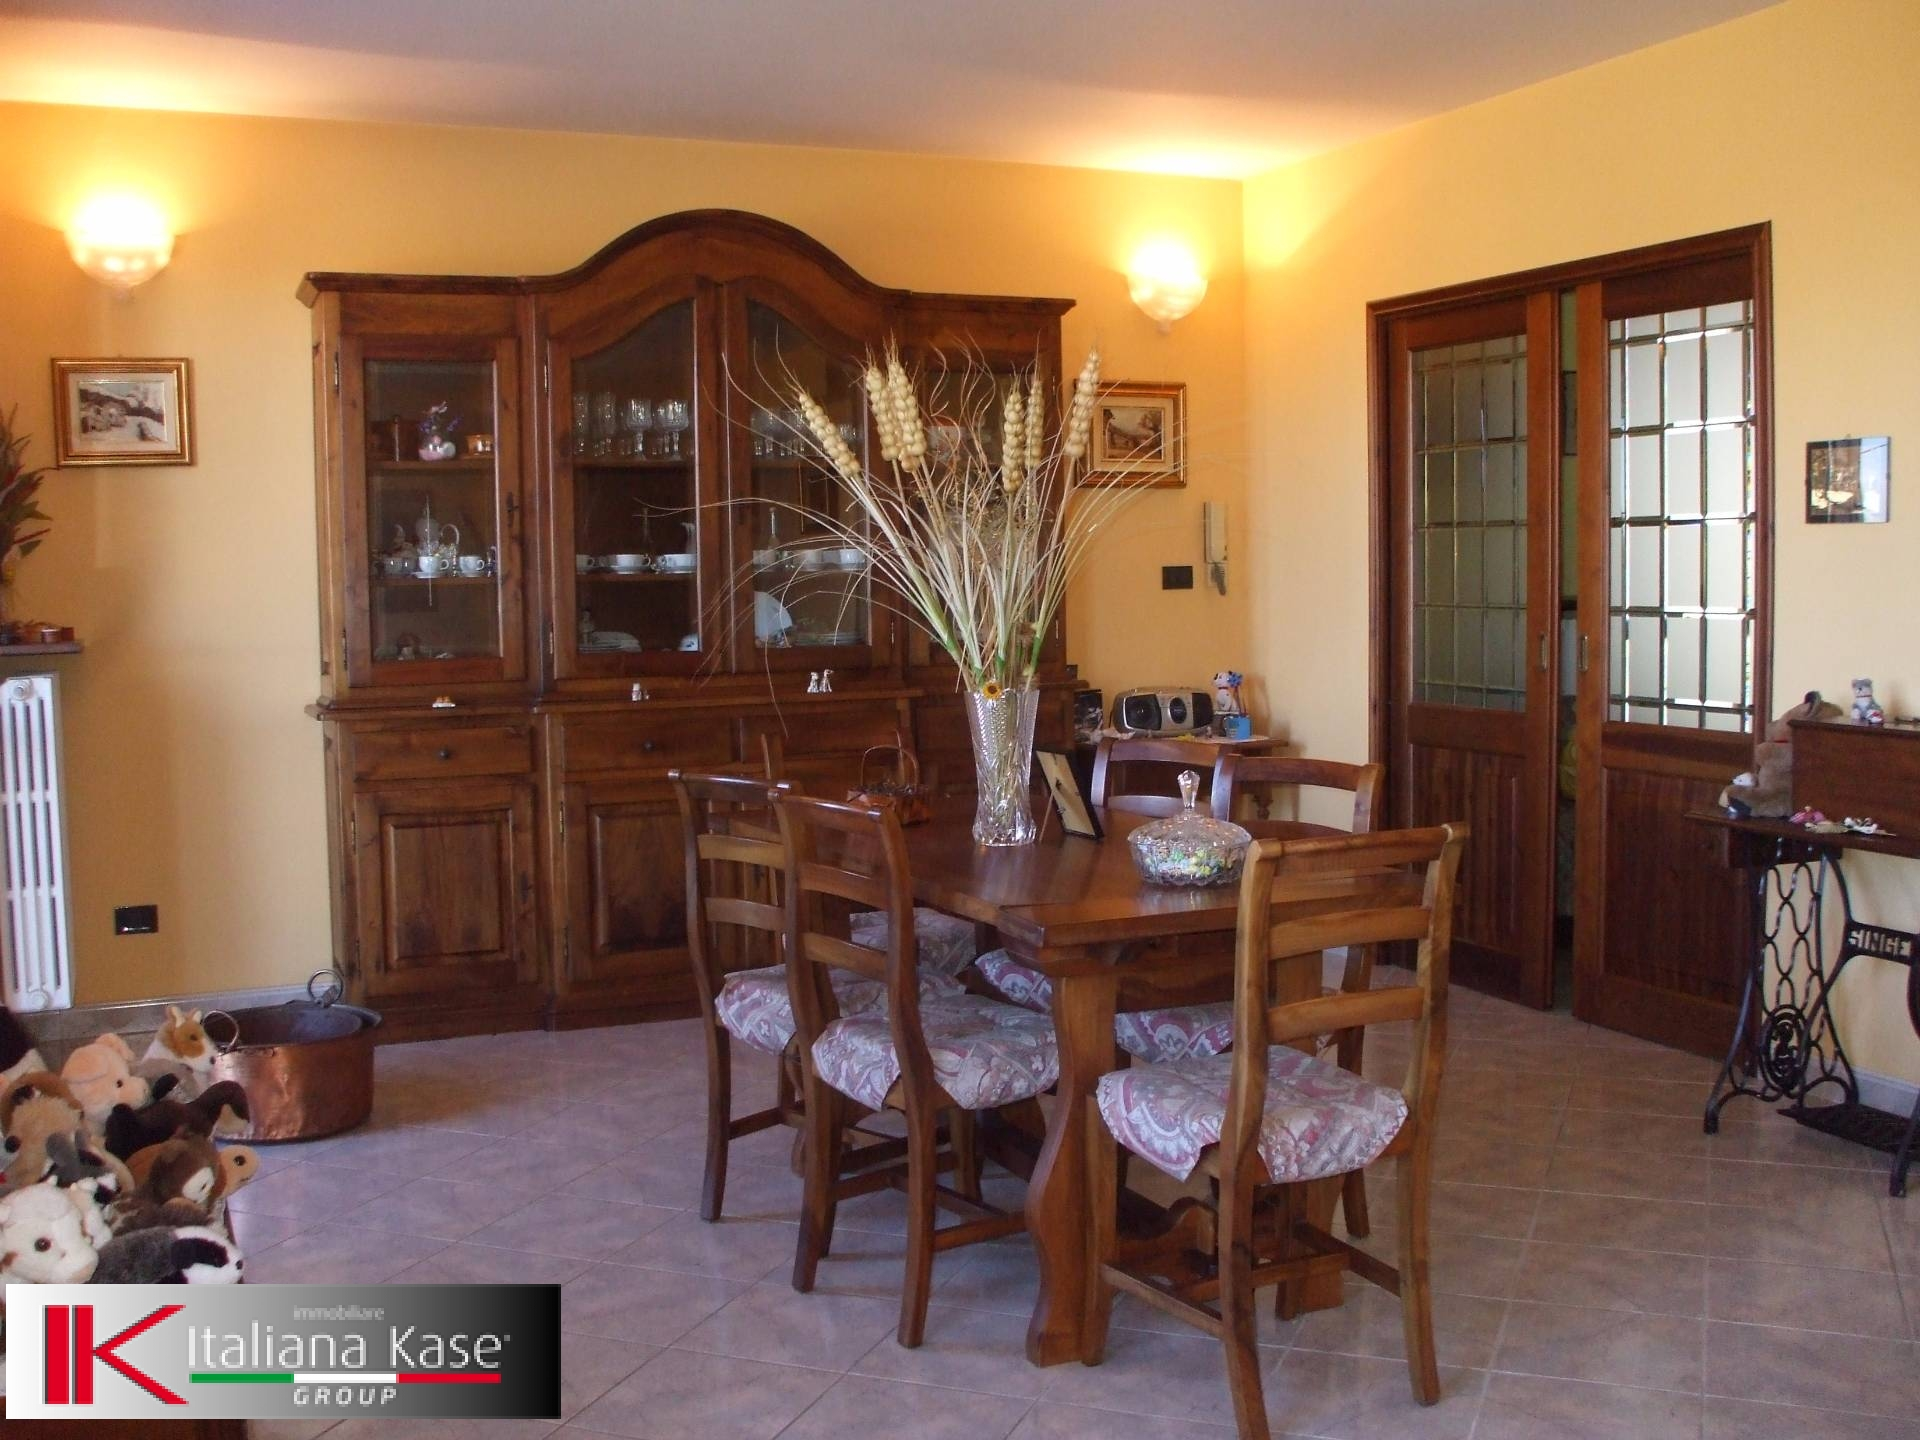 Rustico / Casale in vendita a Gassino Torinese, 14 locali, zona Località: GassinoTorinese, prezzo € 480.000   Cambio Casa.it